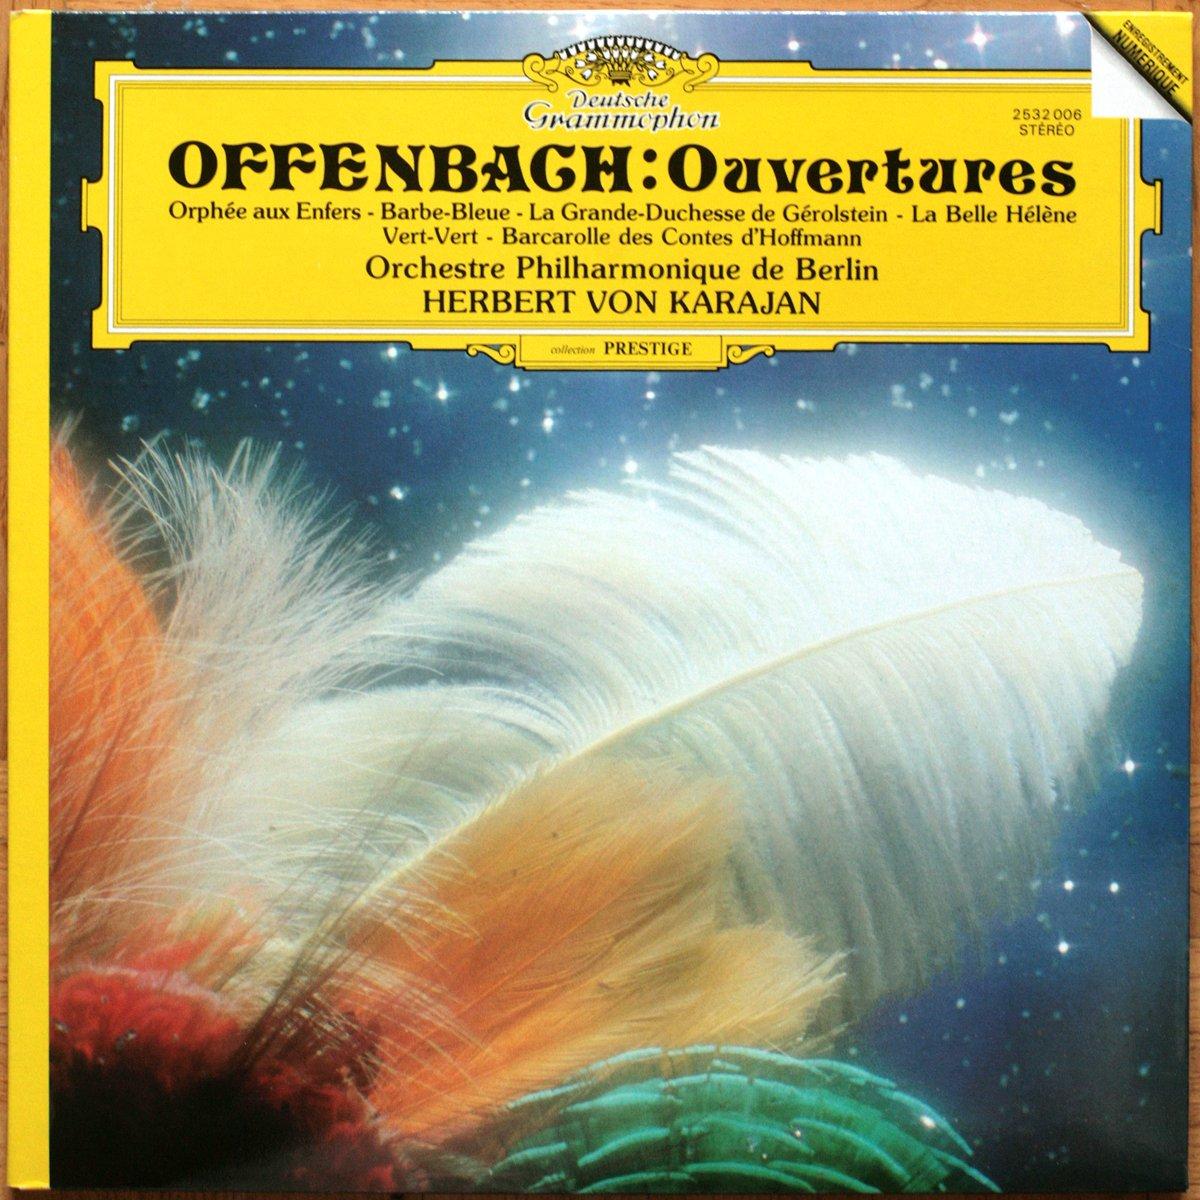 DGG 2532006 Offenbach Ouvertures Karajan